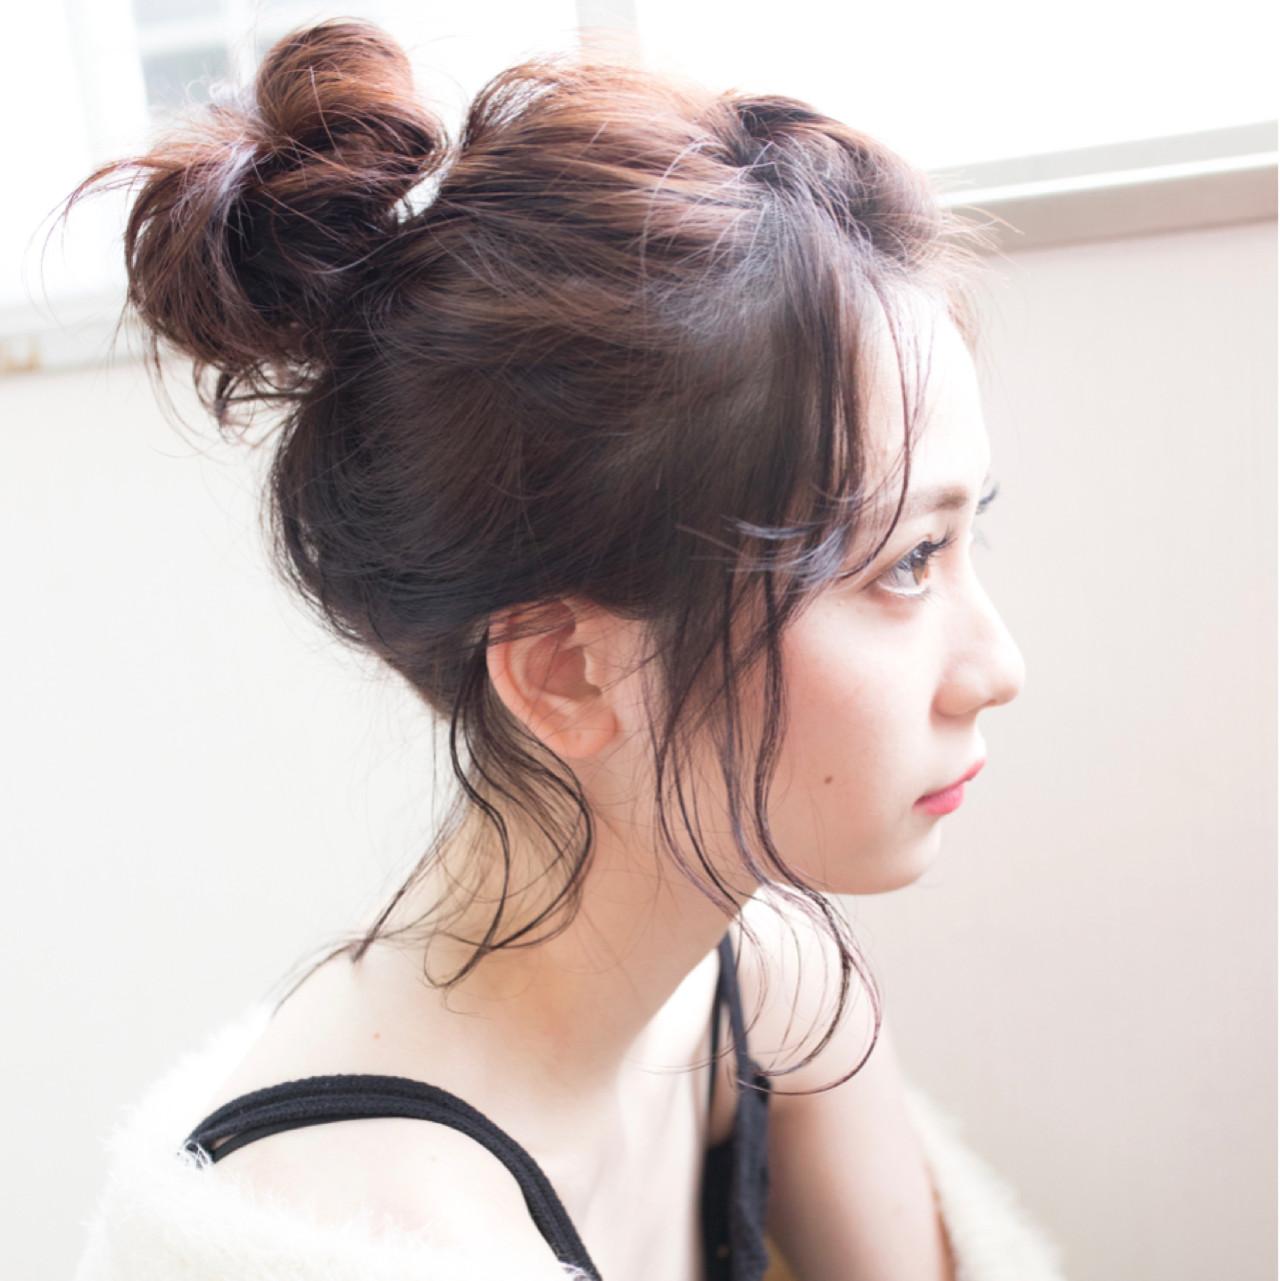 ナチュラル ゆるふわ 愛され 簡単ヘアアレンジ ヘアスタイルや髪型の写真・画像